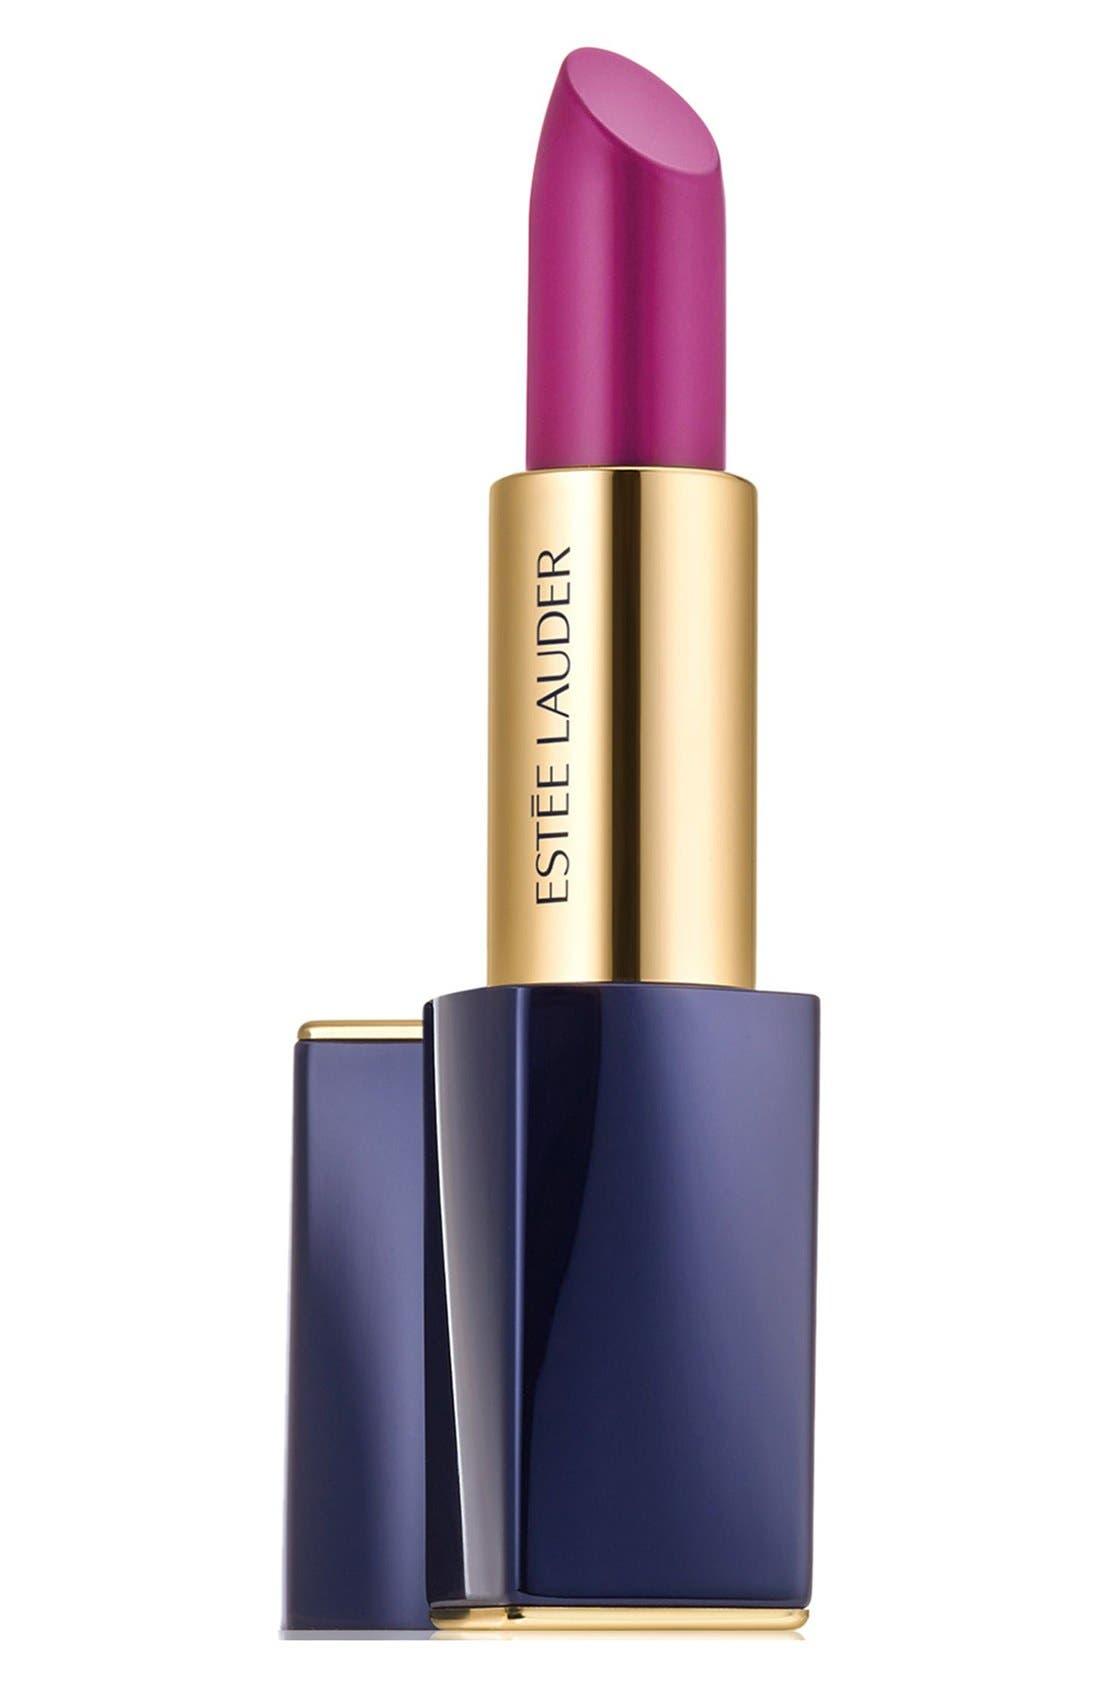 Estée Lauder 'Pure Color Envy' Matte Sculpting Lipstick